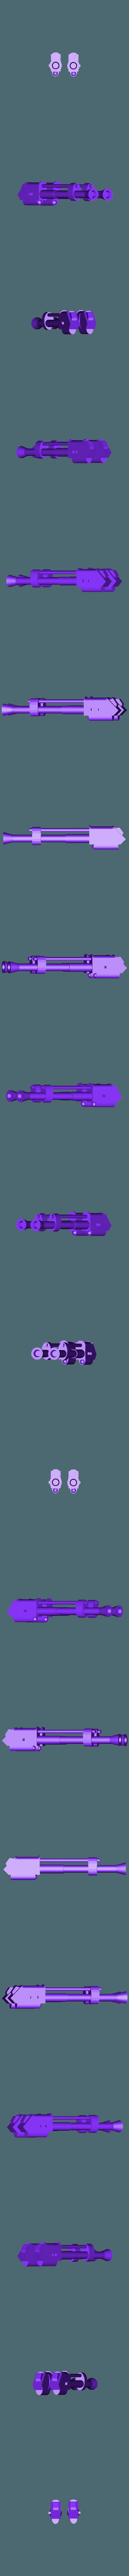 tank_Flak_guns.stl Télécharger fichier STL gratuit ork / orc Flak tank 28mm wargames véhicule • Modèle imprimable en 3D, redstarkits